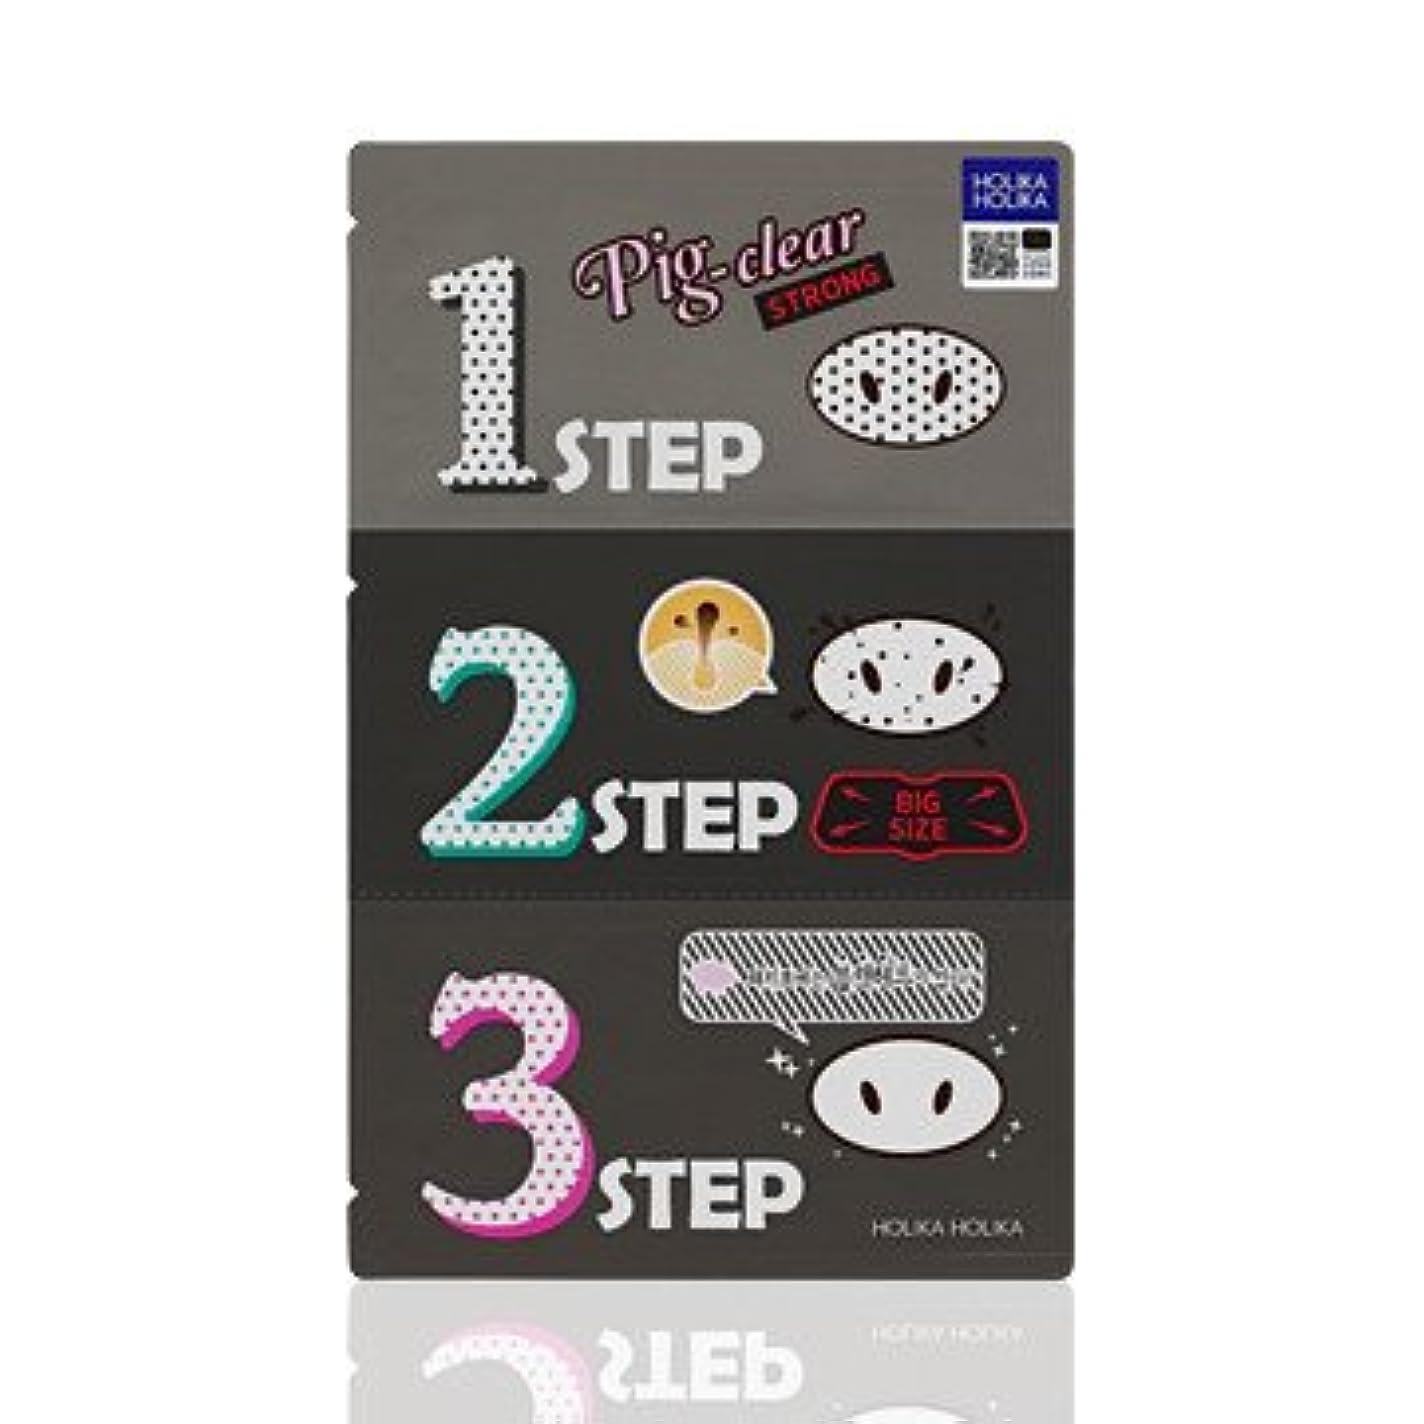 独立して樫の木高めるHolika Holika Pig Nose Clear Black Head 3-Step Kit 10EA